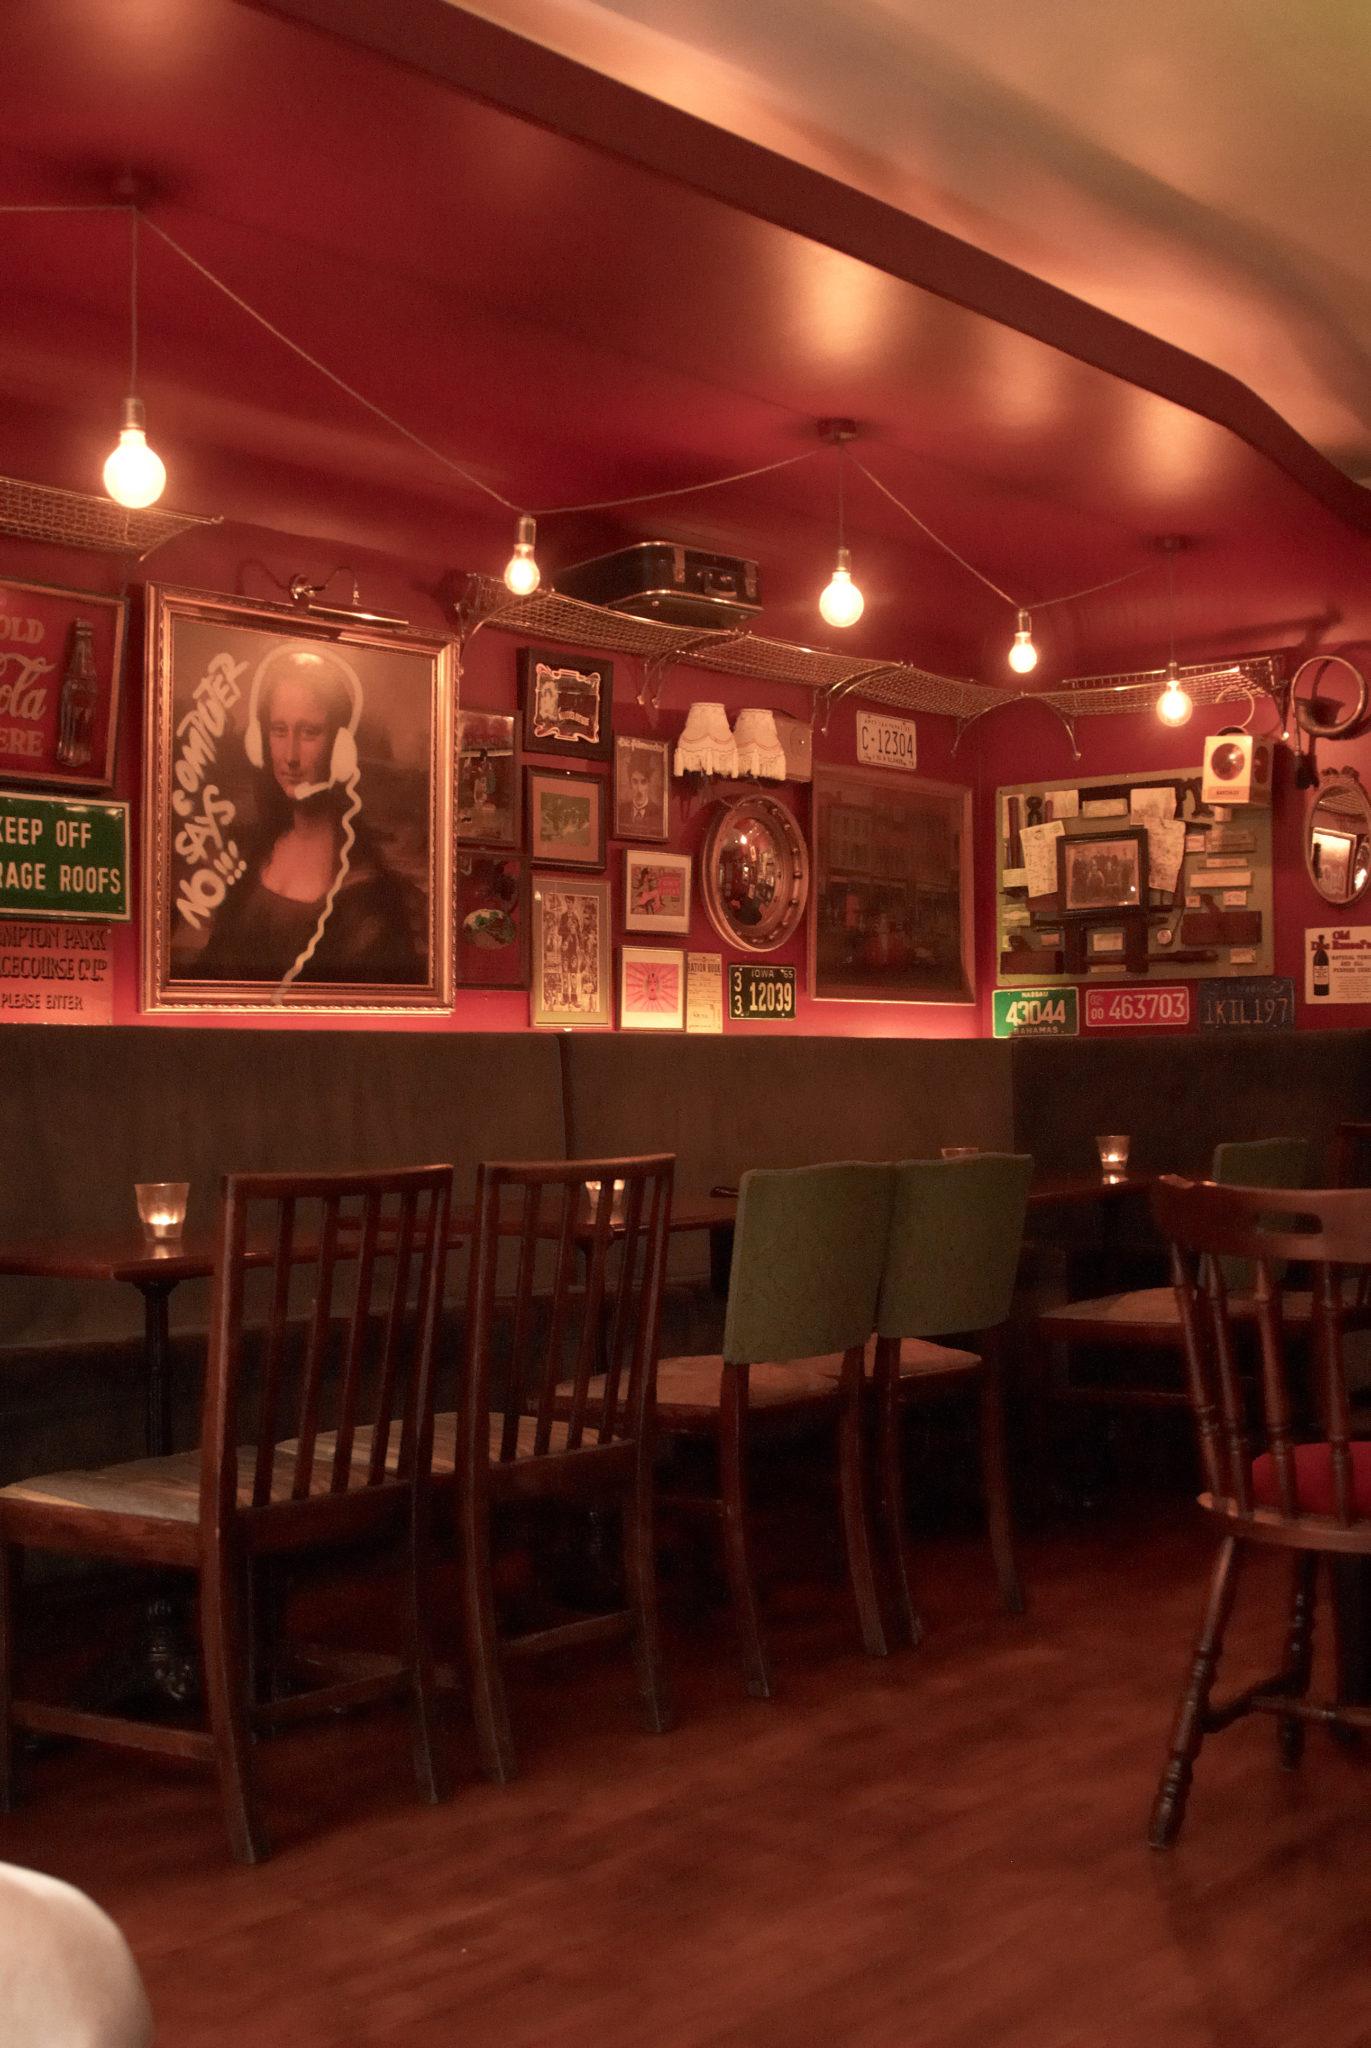 Chelsea - Speakeasy bar